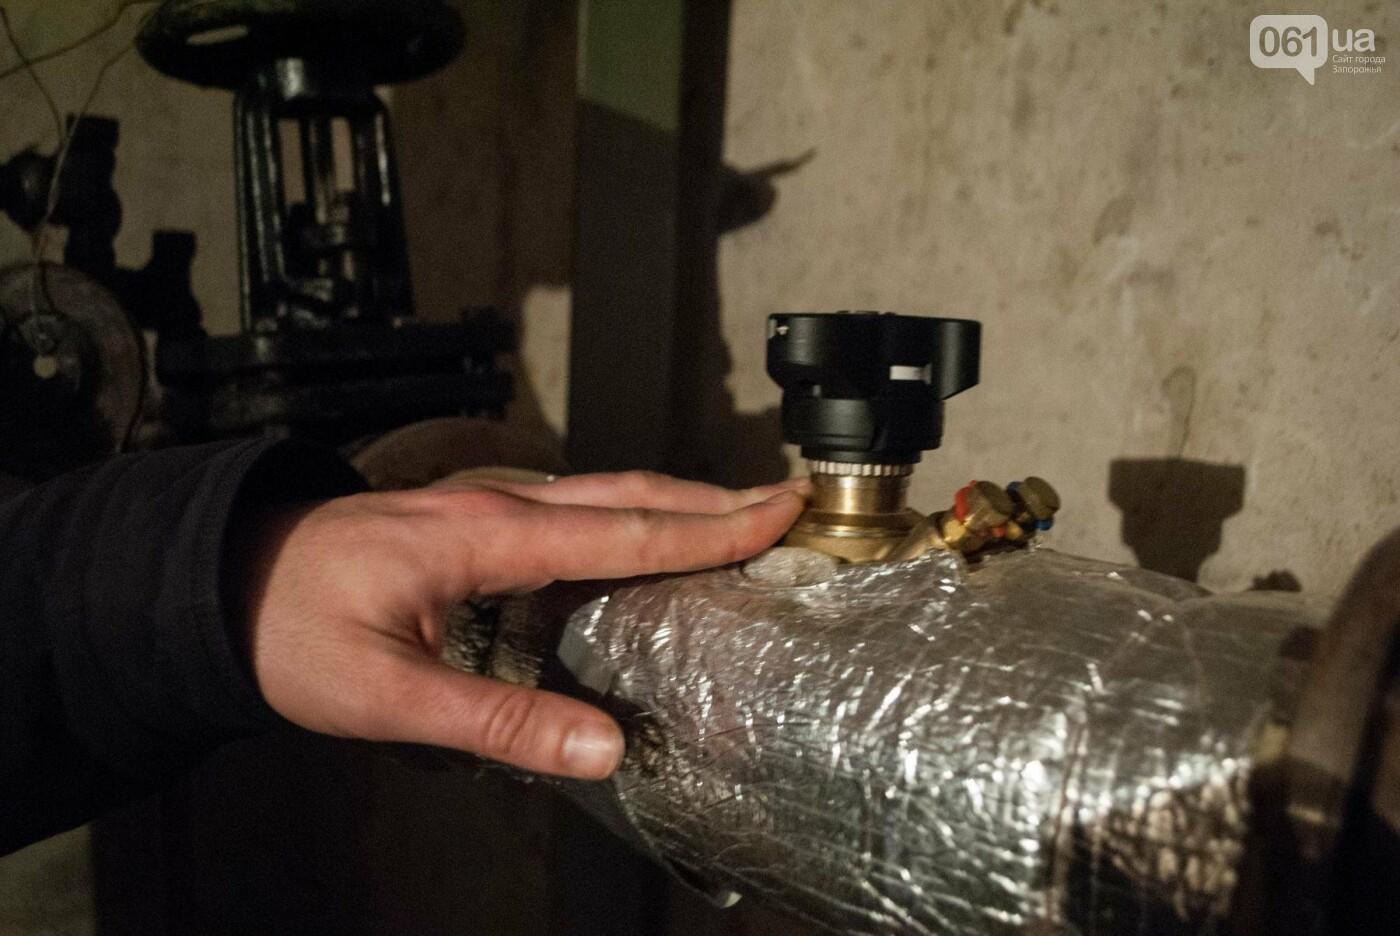 Сам себе хозяин: как запорожские ОСМД занимаются энергосбережением и значительно экономят на тарифах, — ФОТО, фото-35